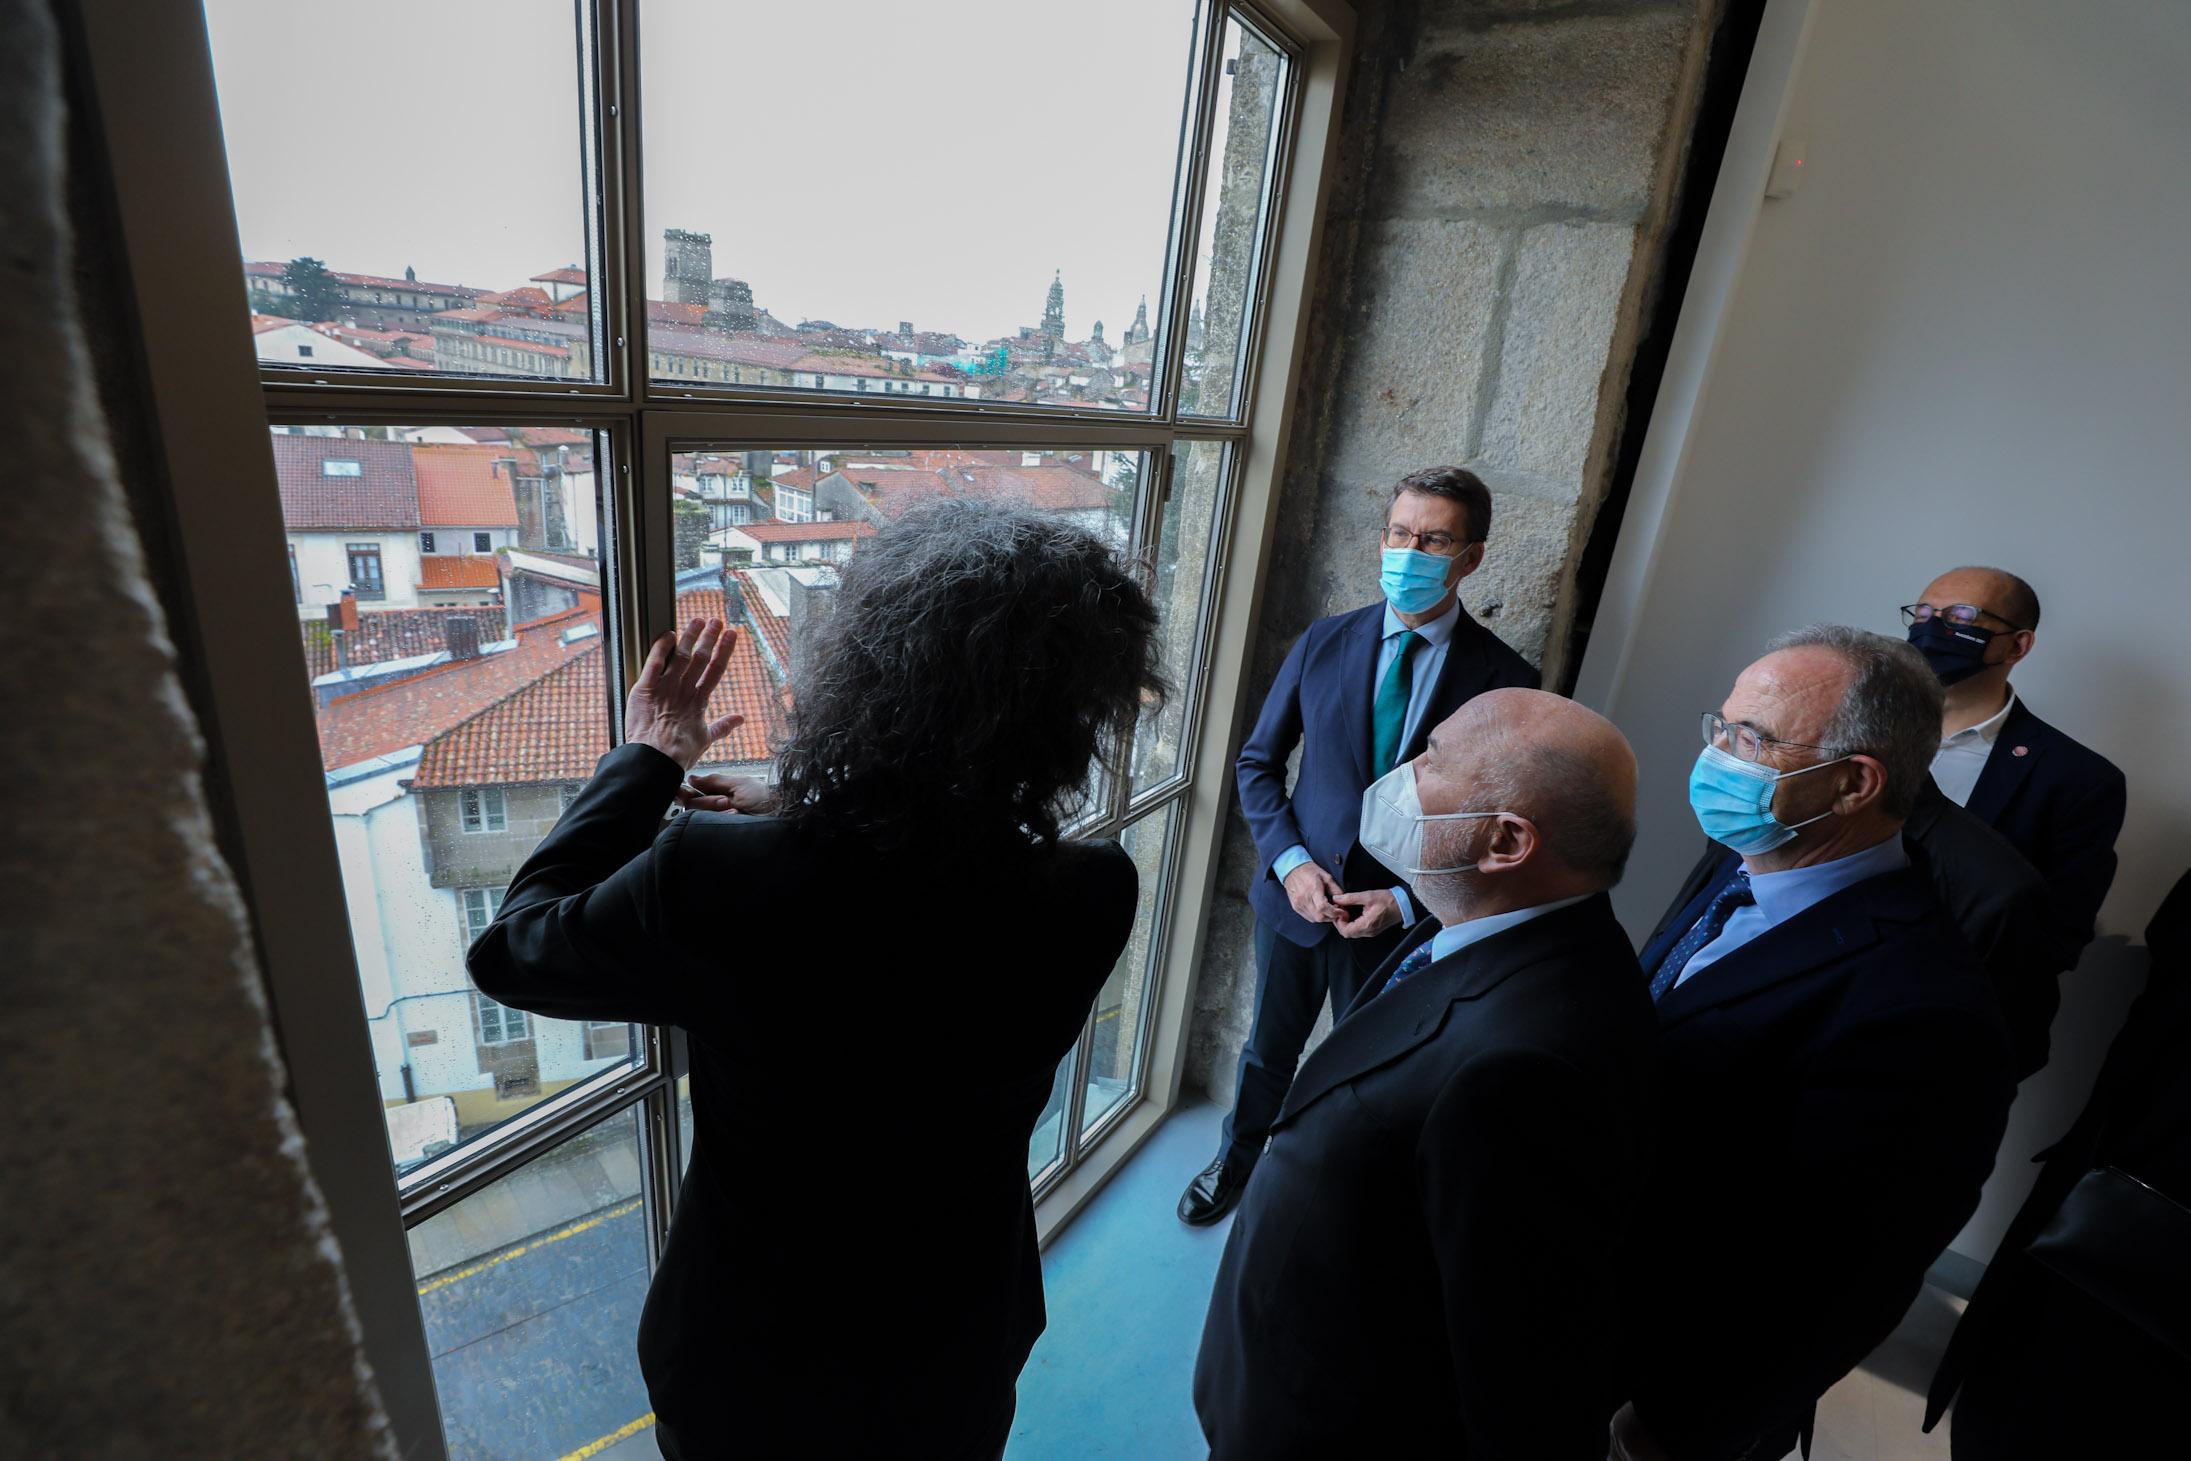 Onte presentouse a intervención que engade 1.600 metros cadrados para uso da institución